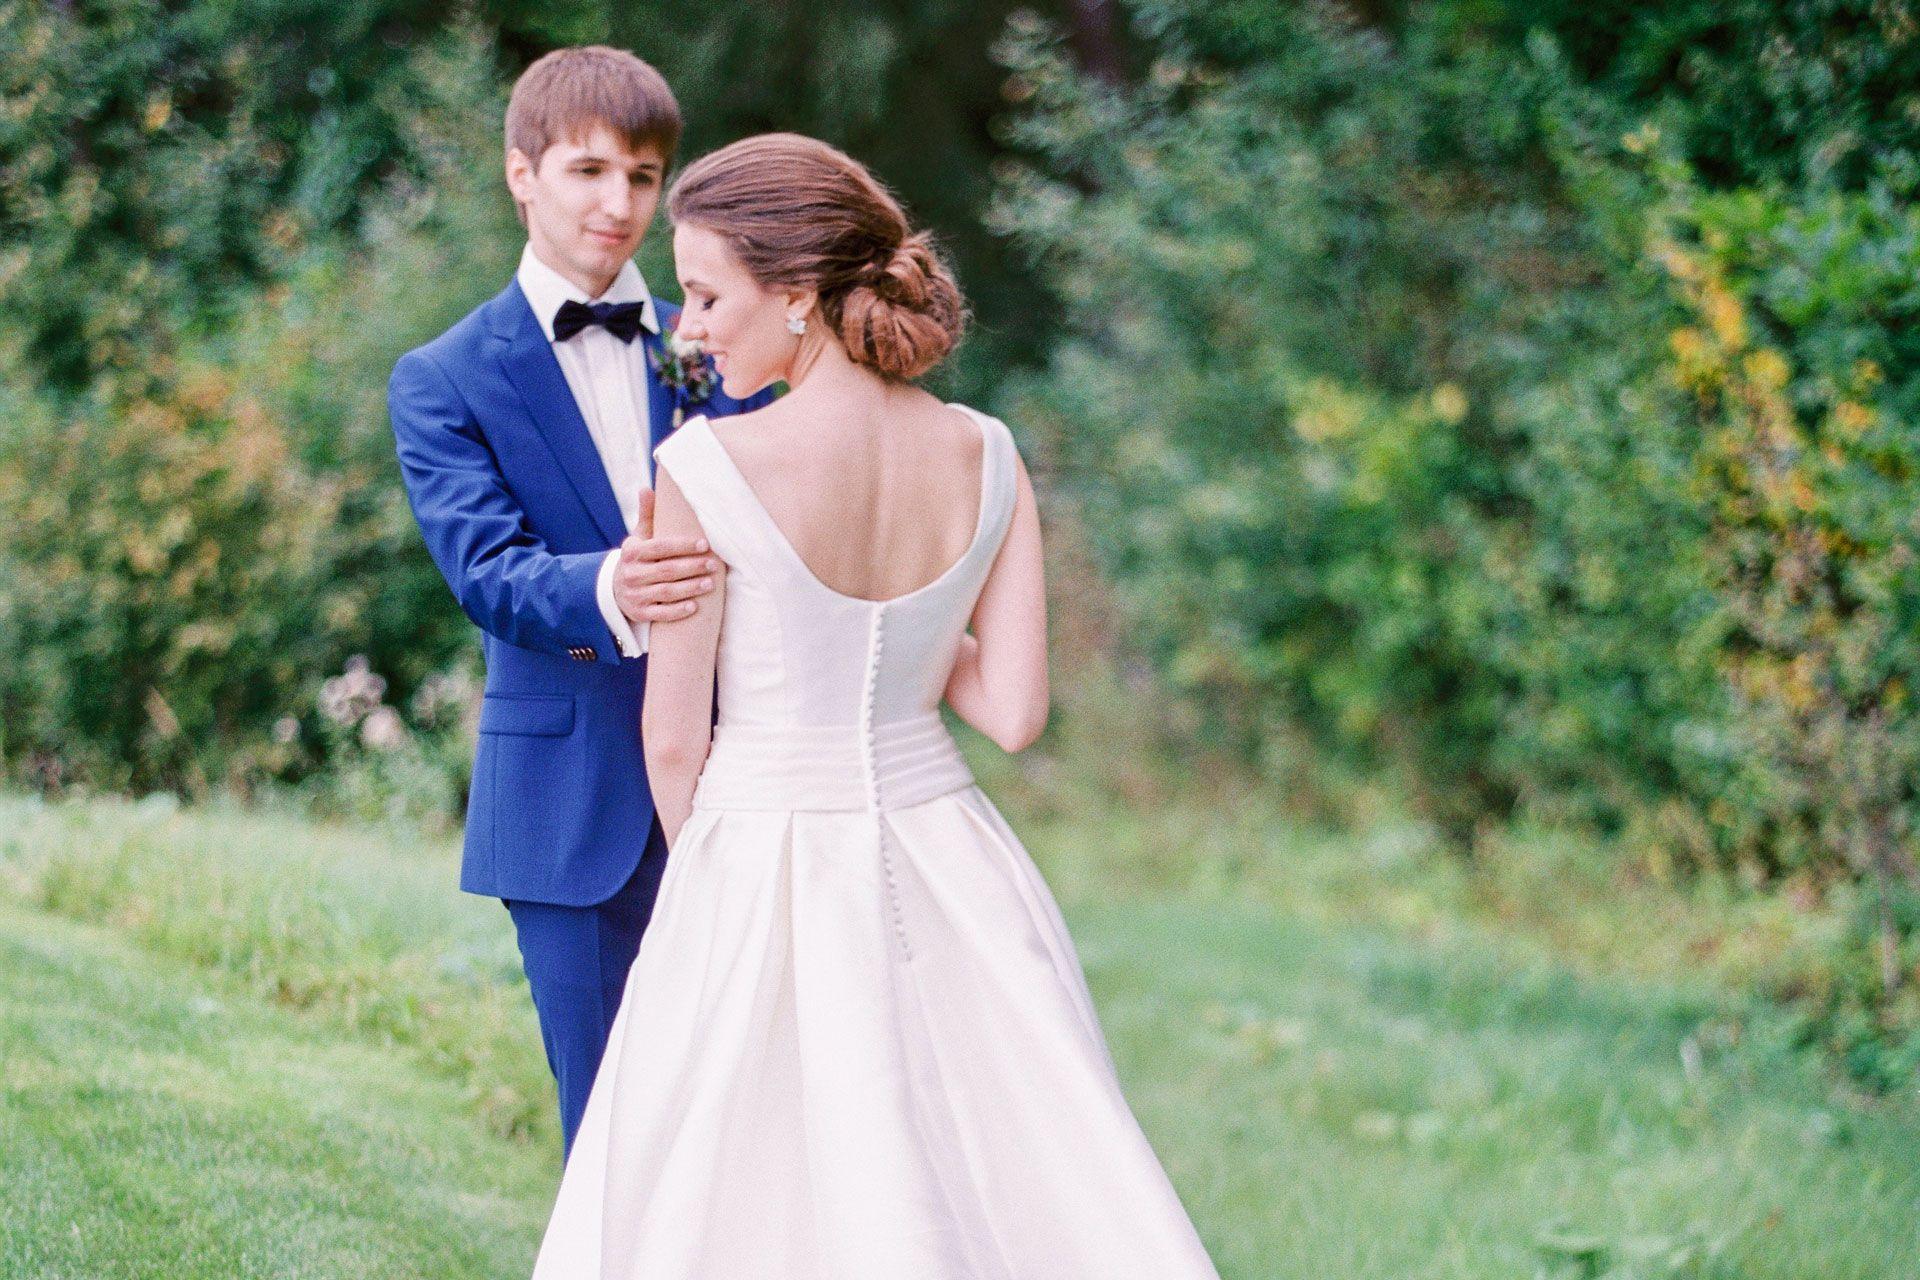 Вечер при свечах. Свадьба Николая и Кристины фото 3